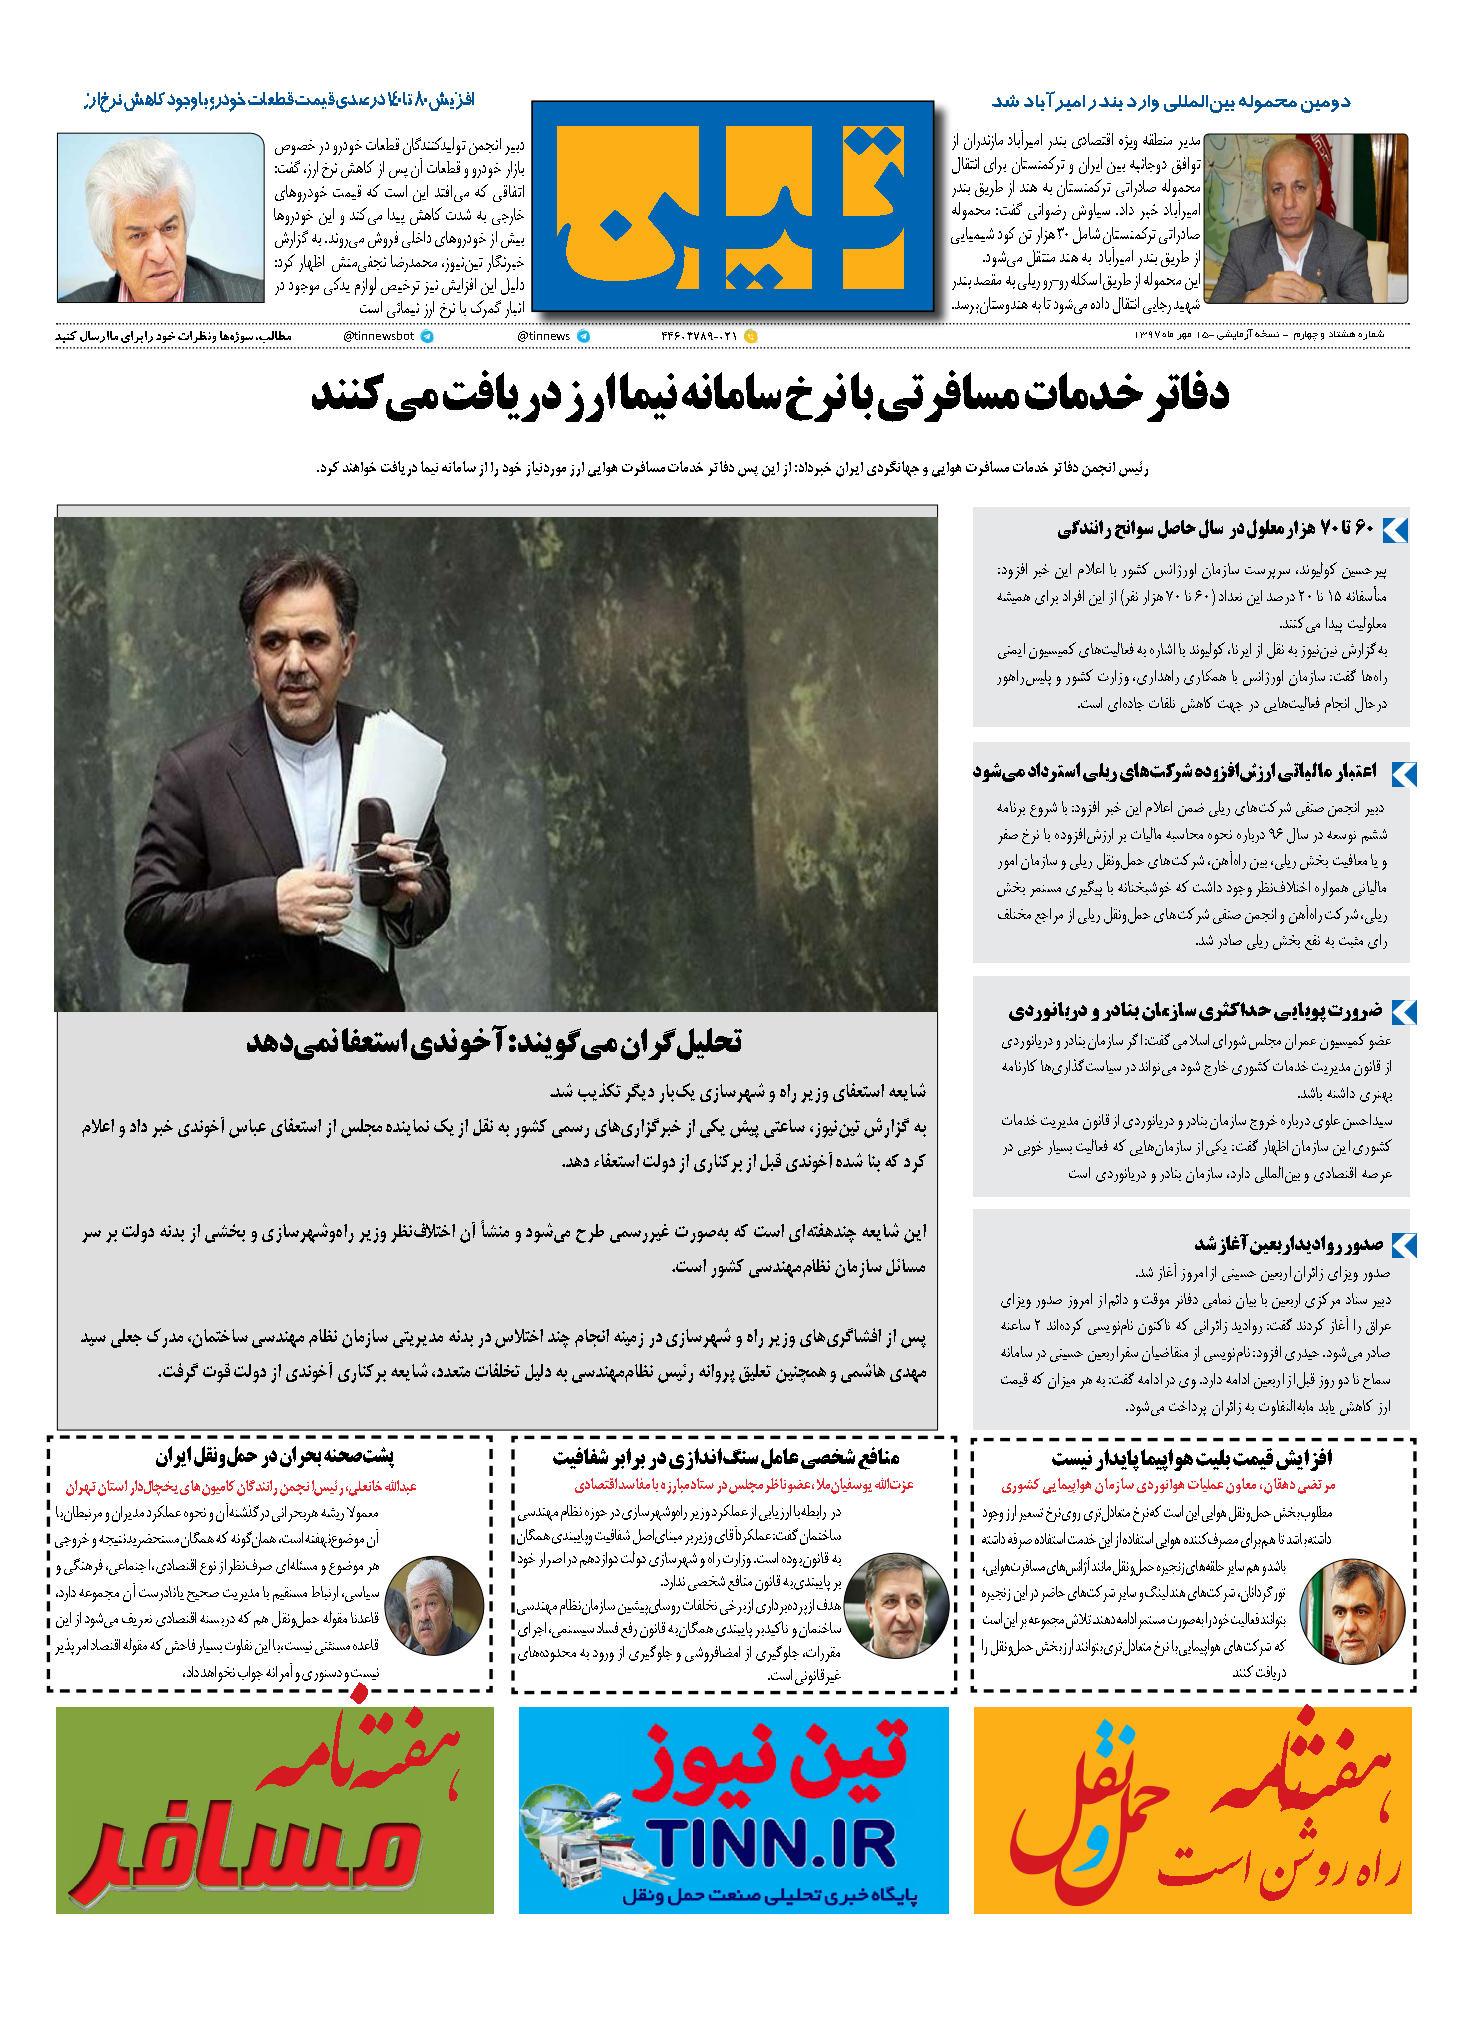 روزنامه الکترونیک 15 مهر ماه 97